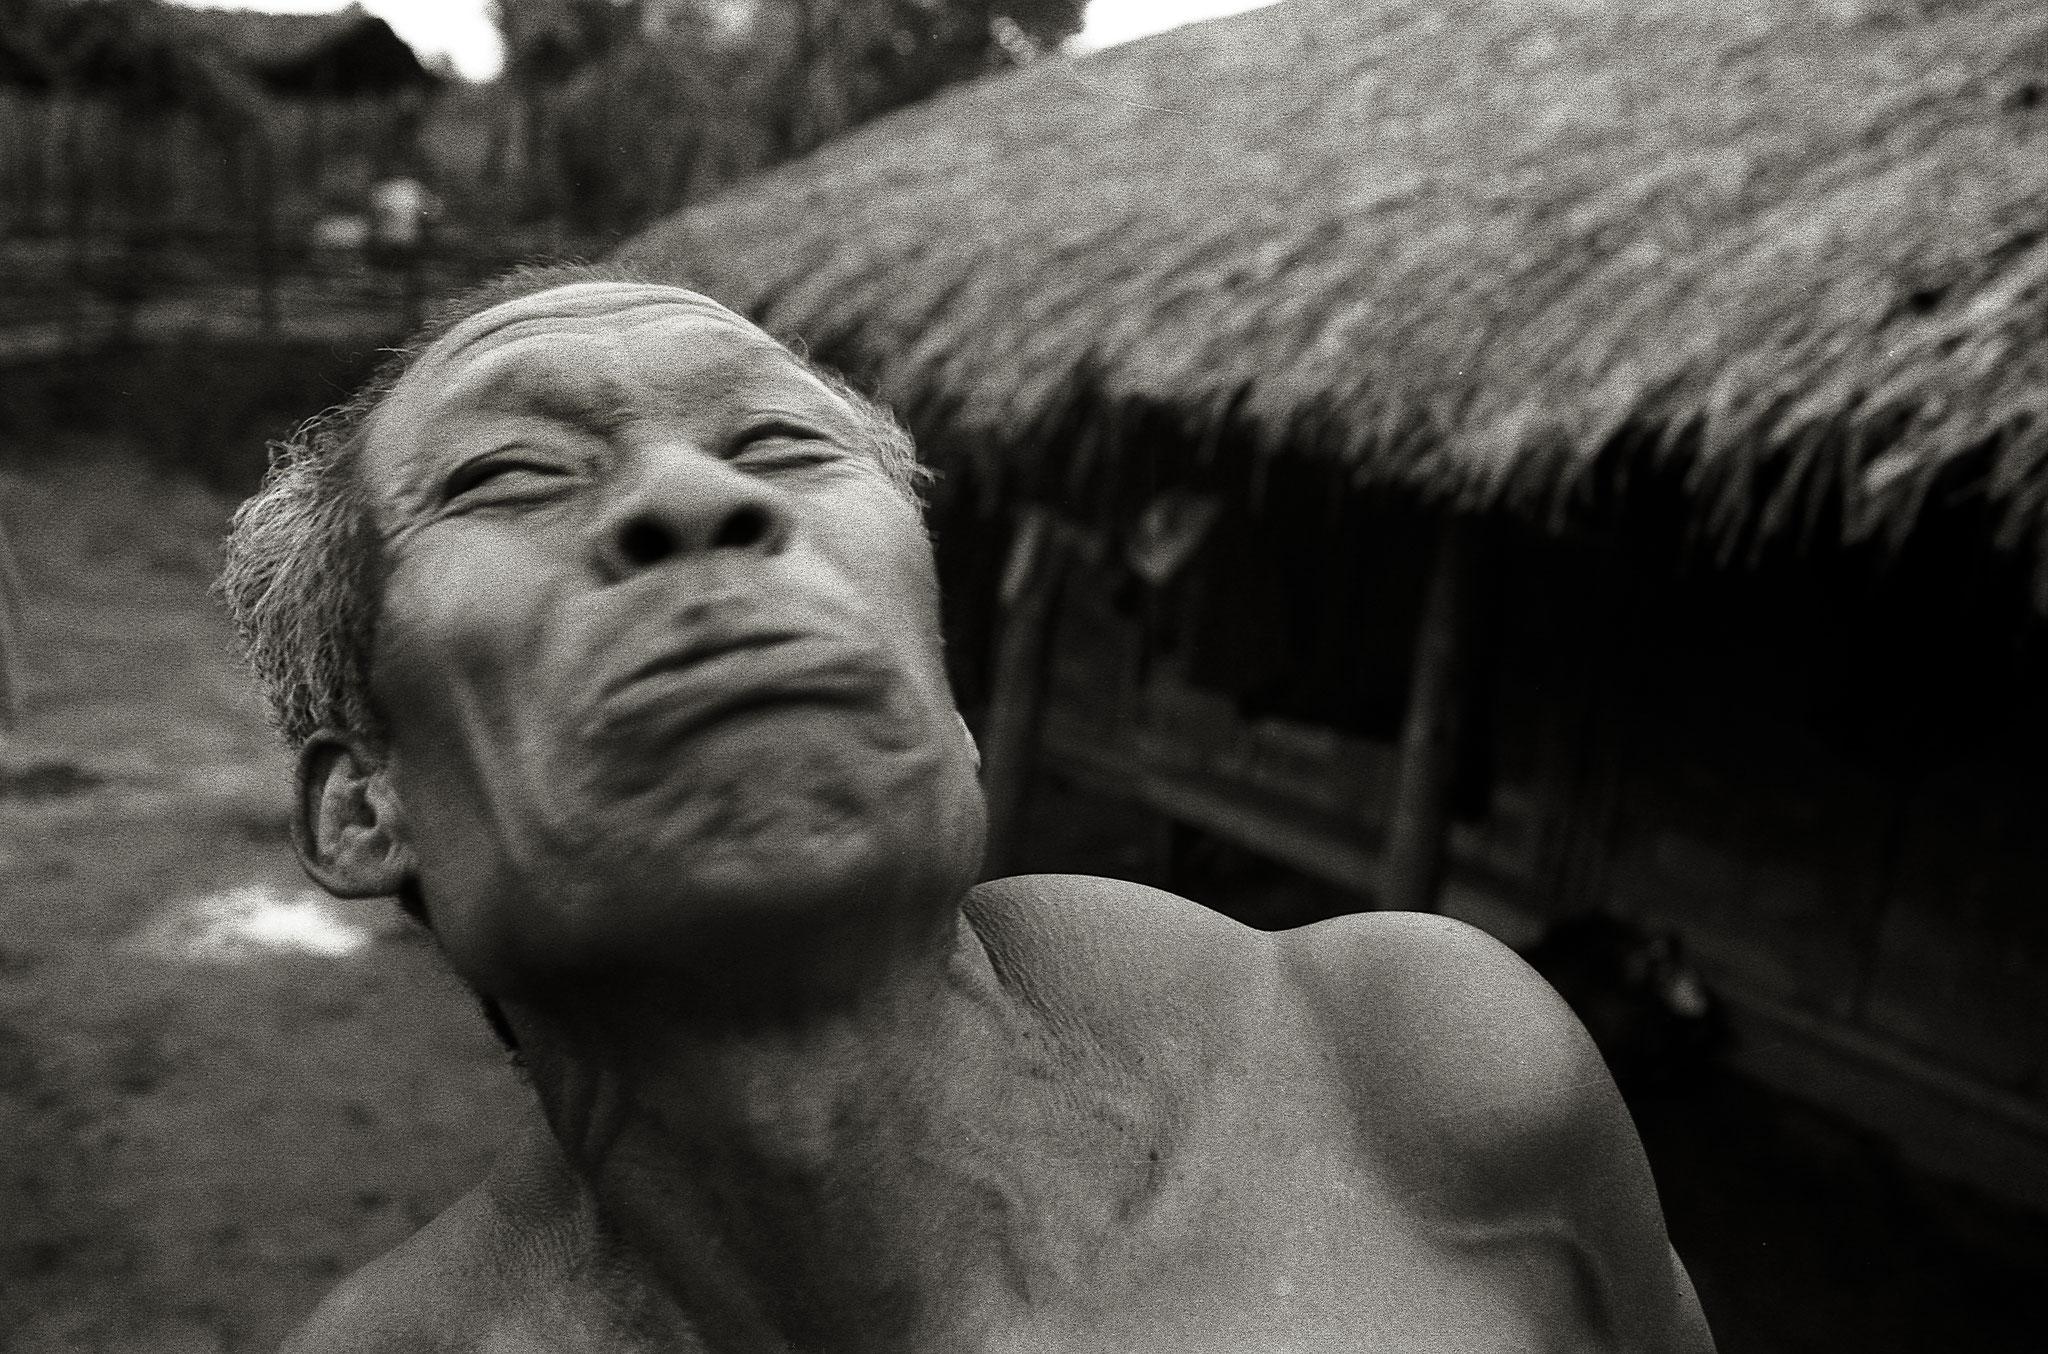 Dising Mariñ macht den Tiger. Im gewölbten Nackenmuskel steckt all seine Kraft, wie er sagt.